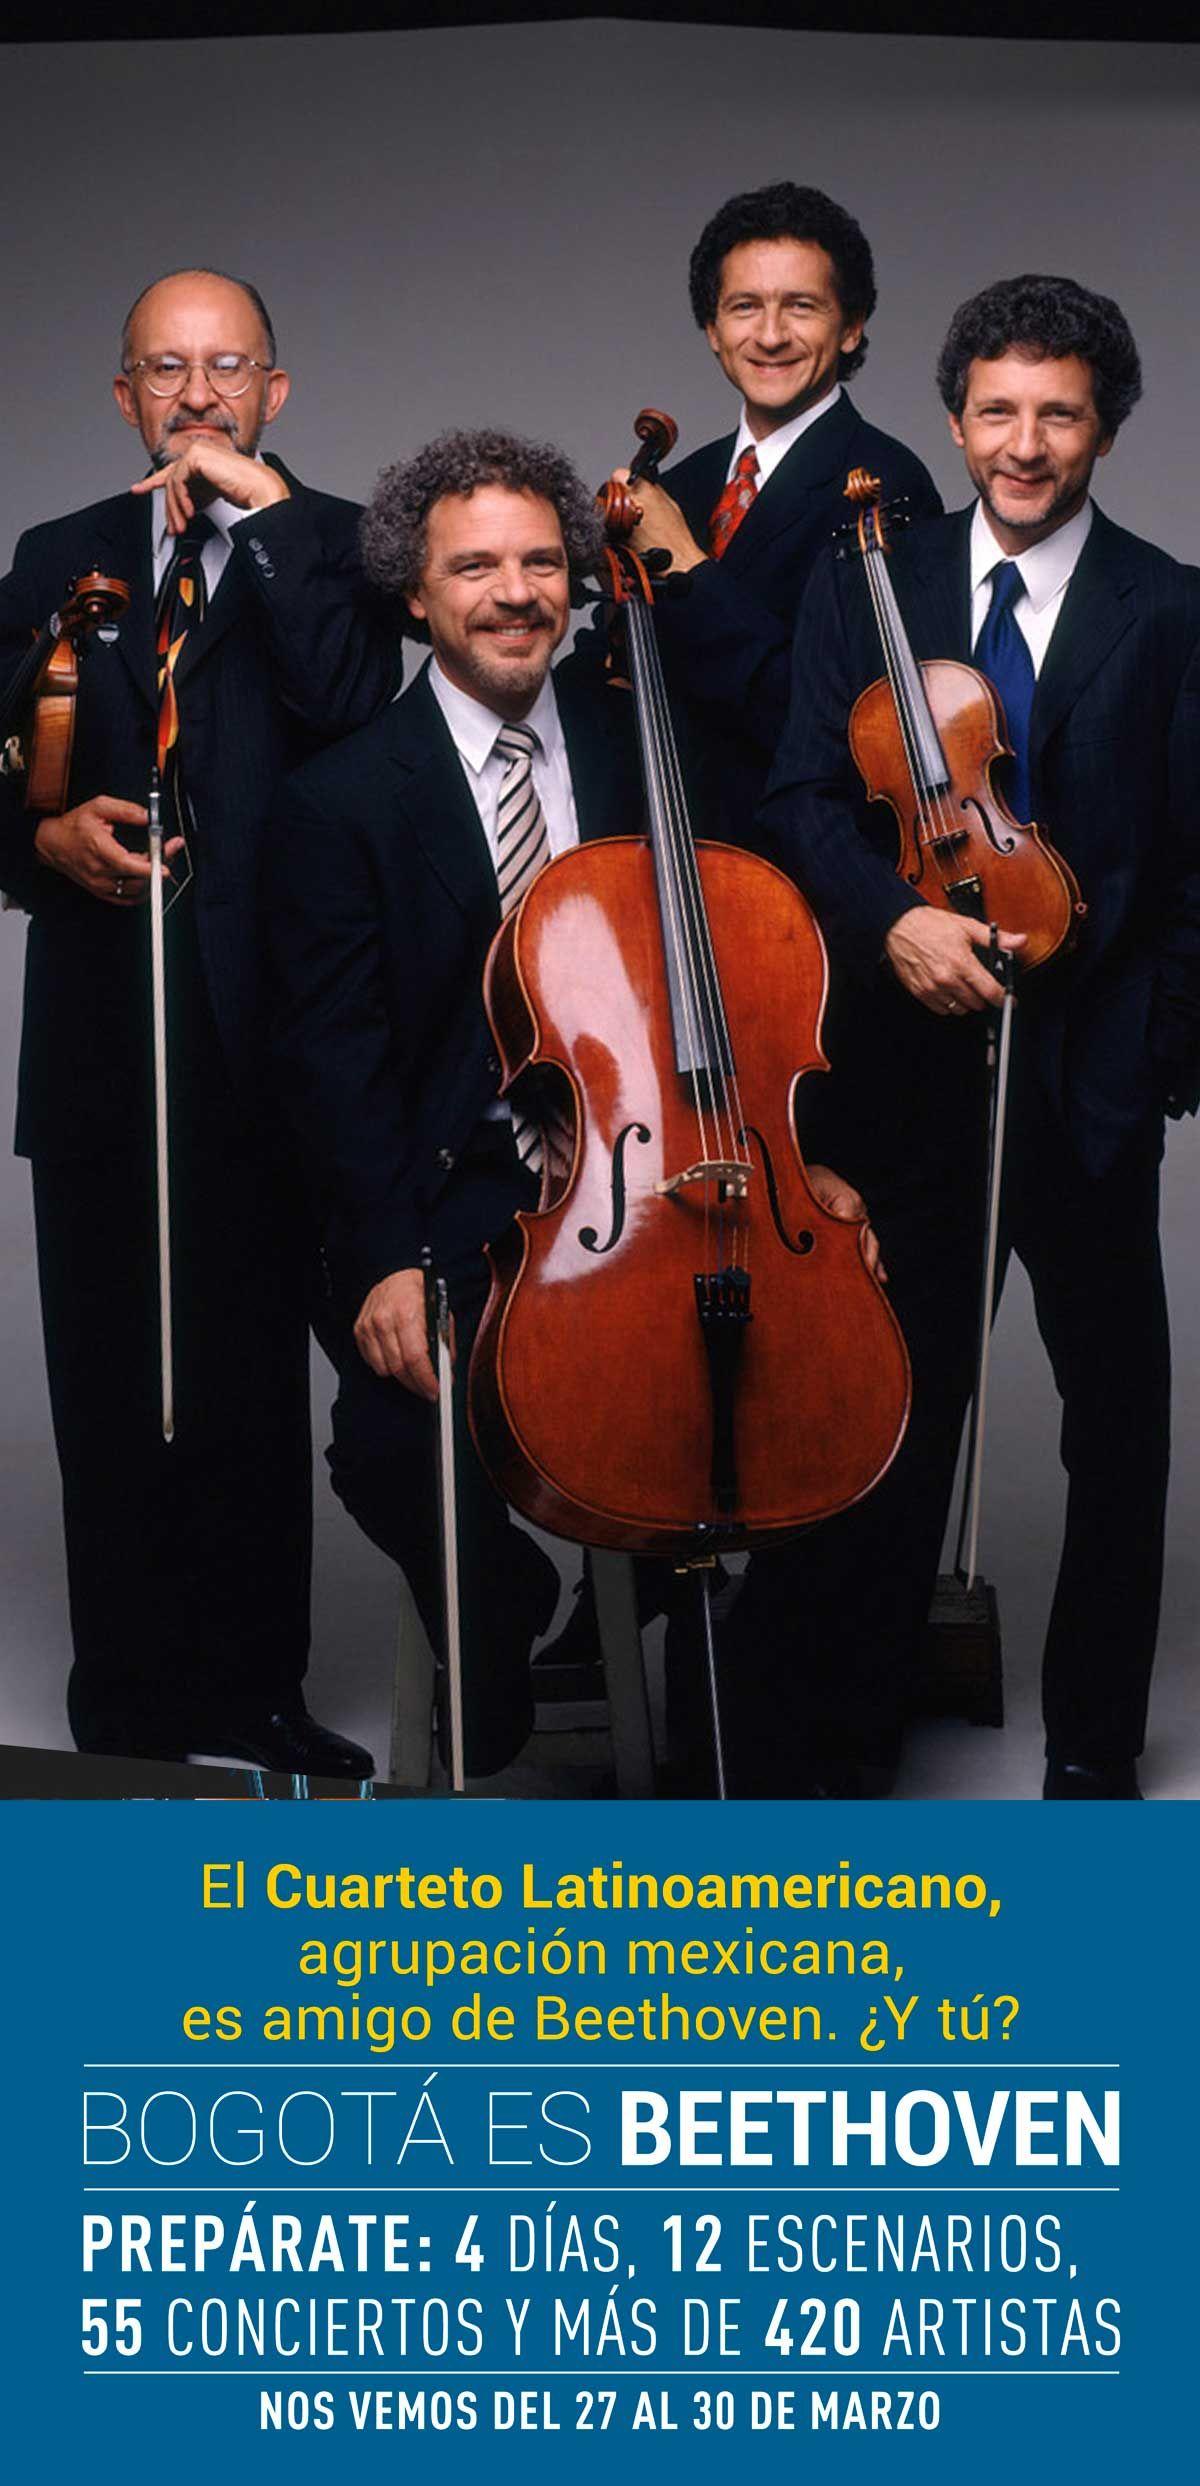 El Cuarteto Latinoamericano, conjunto de cuerdas mexicano, es amigo de Beethoven... ¿Y tú?.  Por su contribución a la vida cultural de Pittsburgh y Toronto, sus alcaldes declararon el 'DÍa del Cuarteto Latinoamericano', pero no tendrás que esperar a viajar a Toronto para verlos; busca sus conciertos del 1er Festival Internacional de Música de Bogotá, Colombia 2013. ¡Nos vemos del 27 al 30 de marzo en Bogotá es Beethoven!